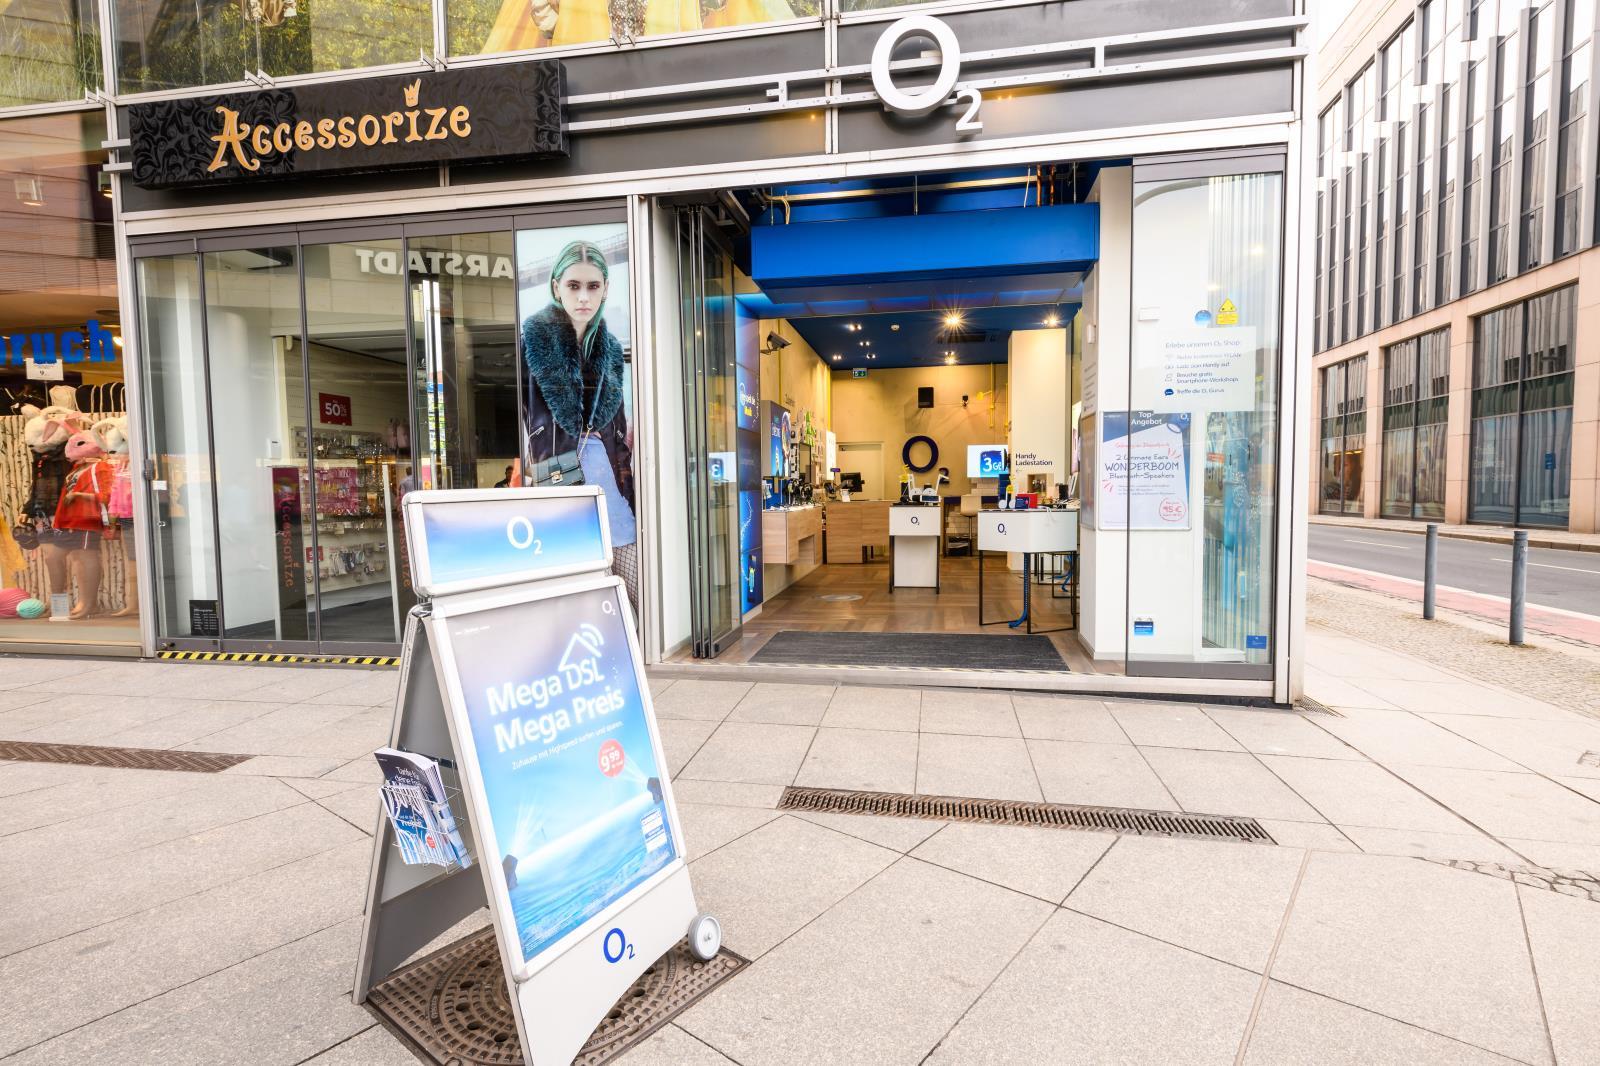 o2 Shop, Waisenhausstr. 8 in Dresden